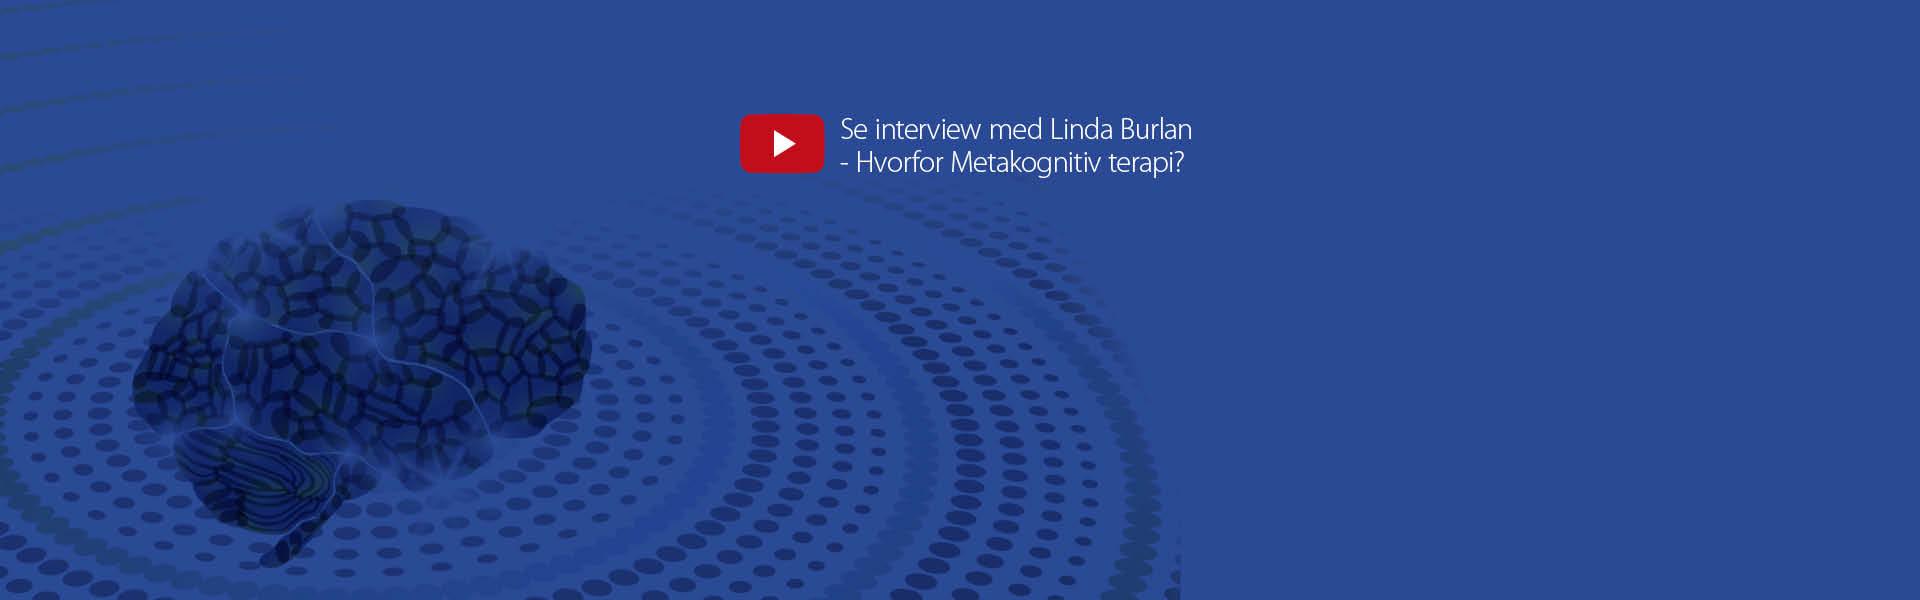 Videocover_1920x600px_Linda Burlan_Hvorfor Metakognitiv terapi?